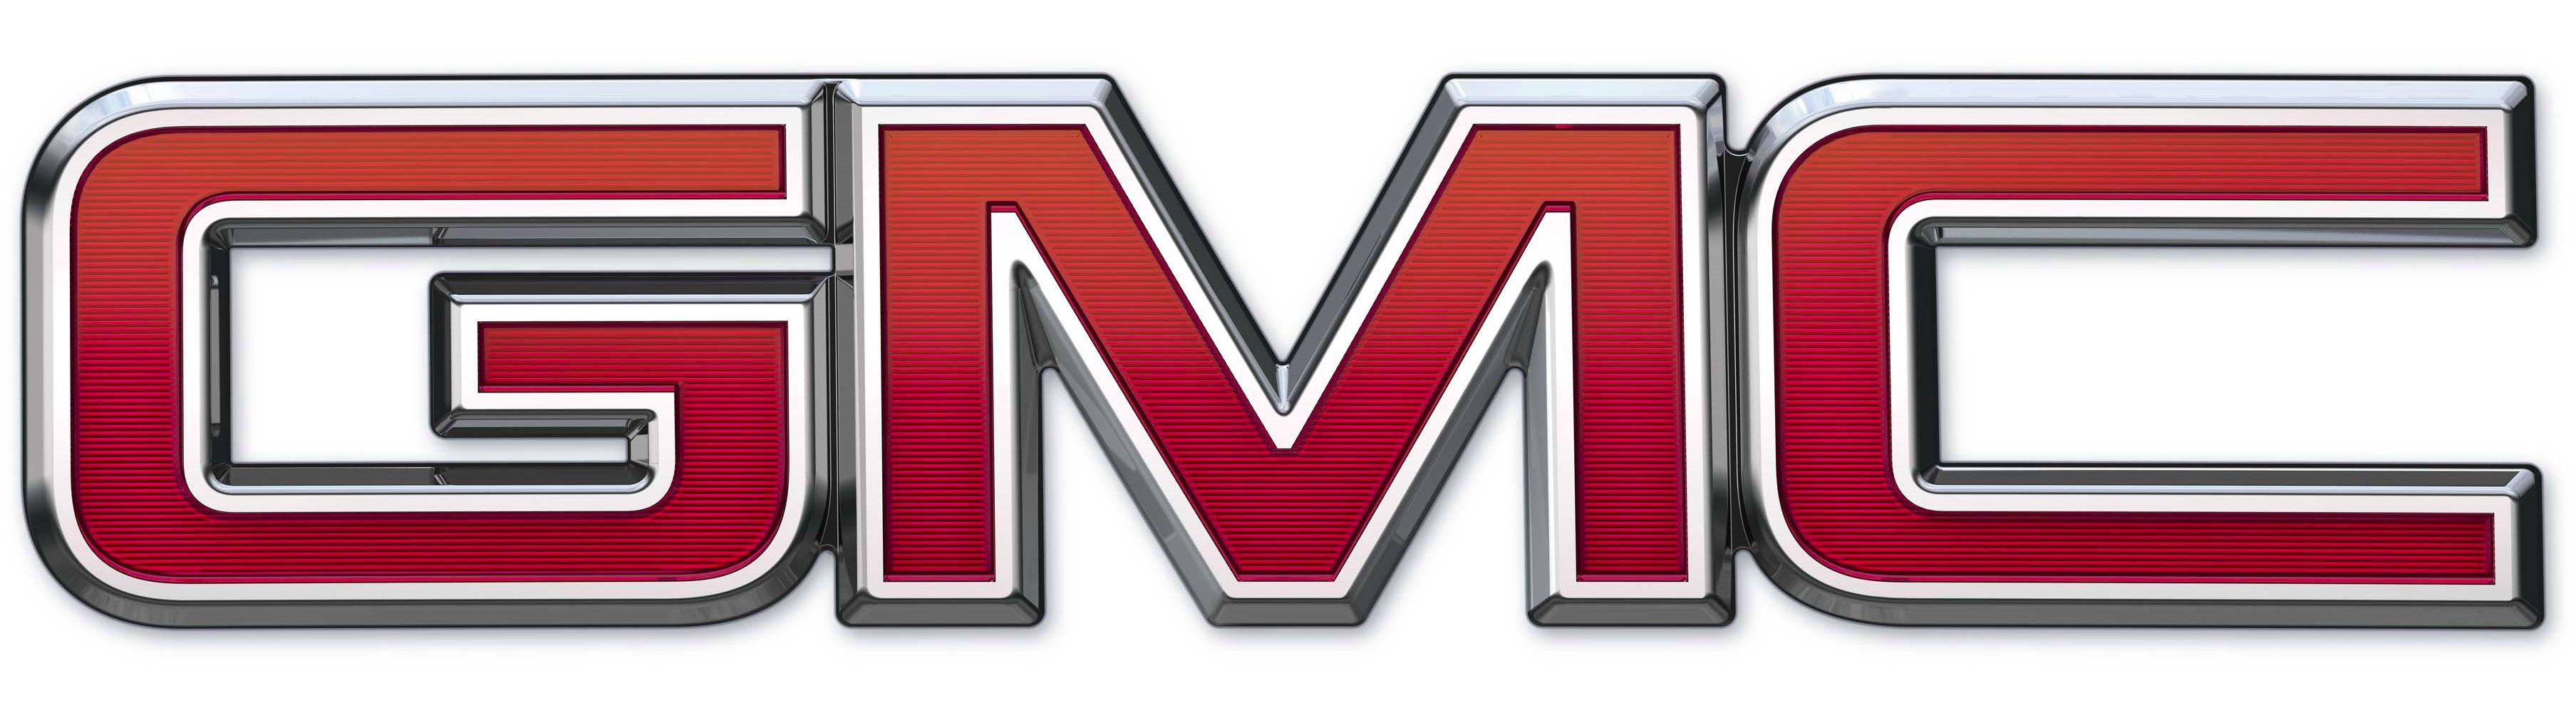 Gmc logo clipart.